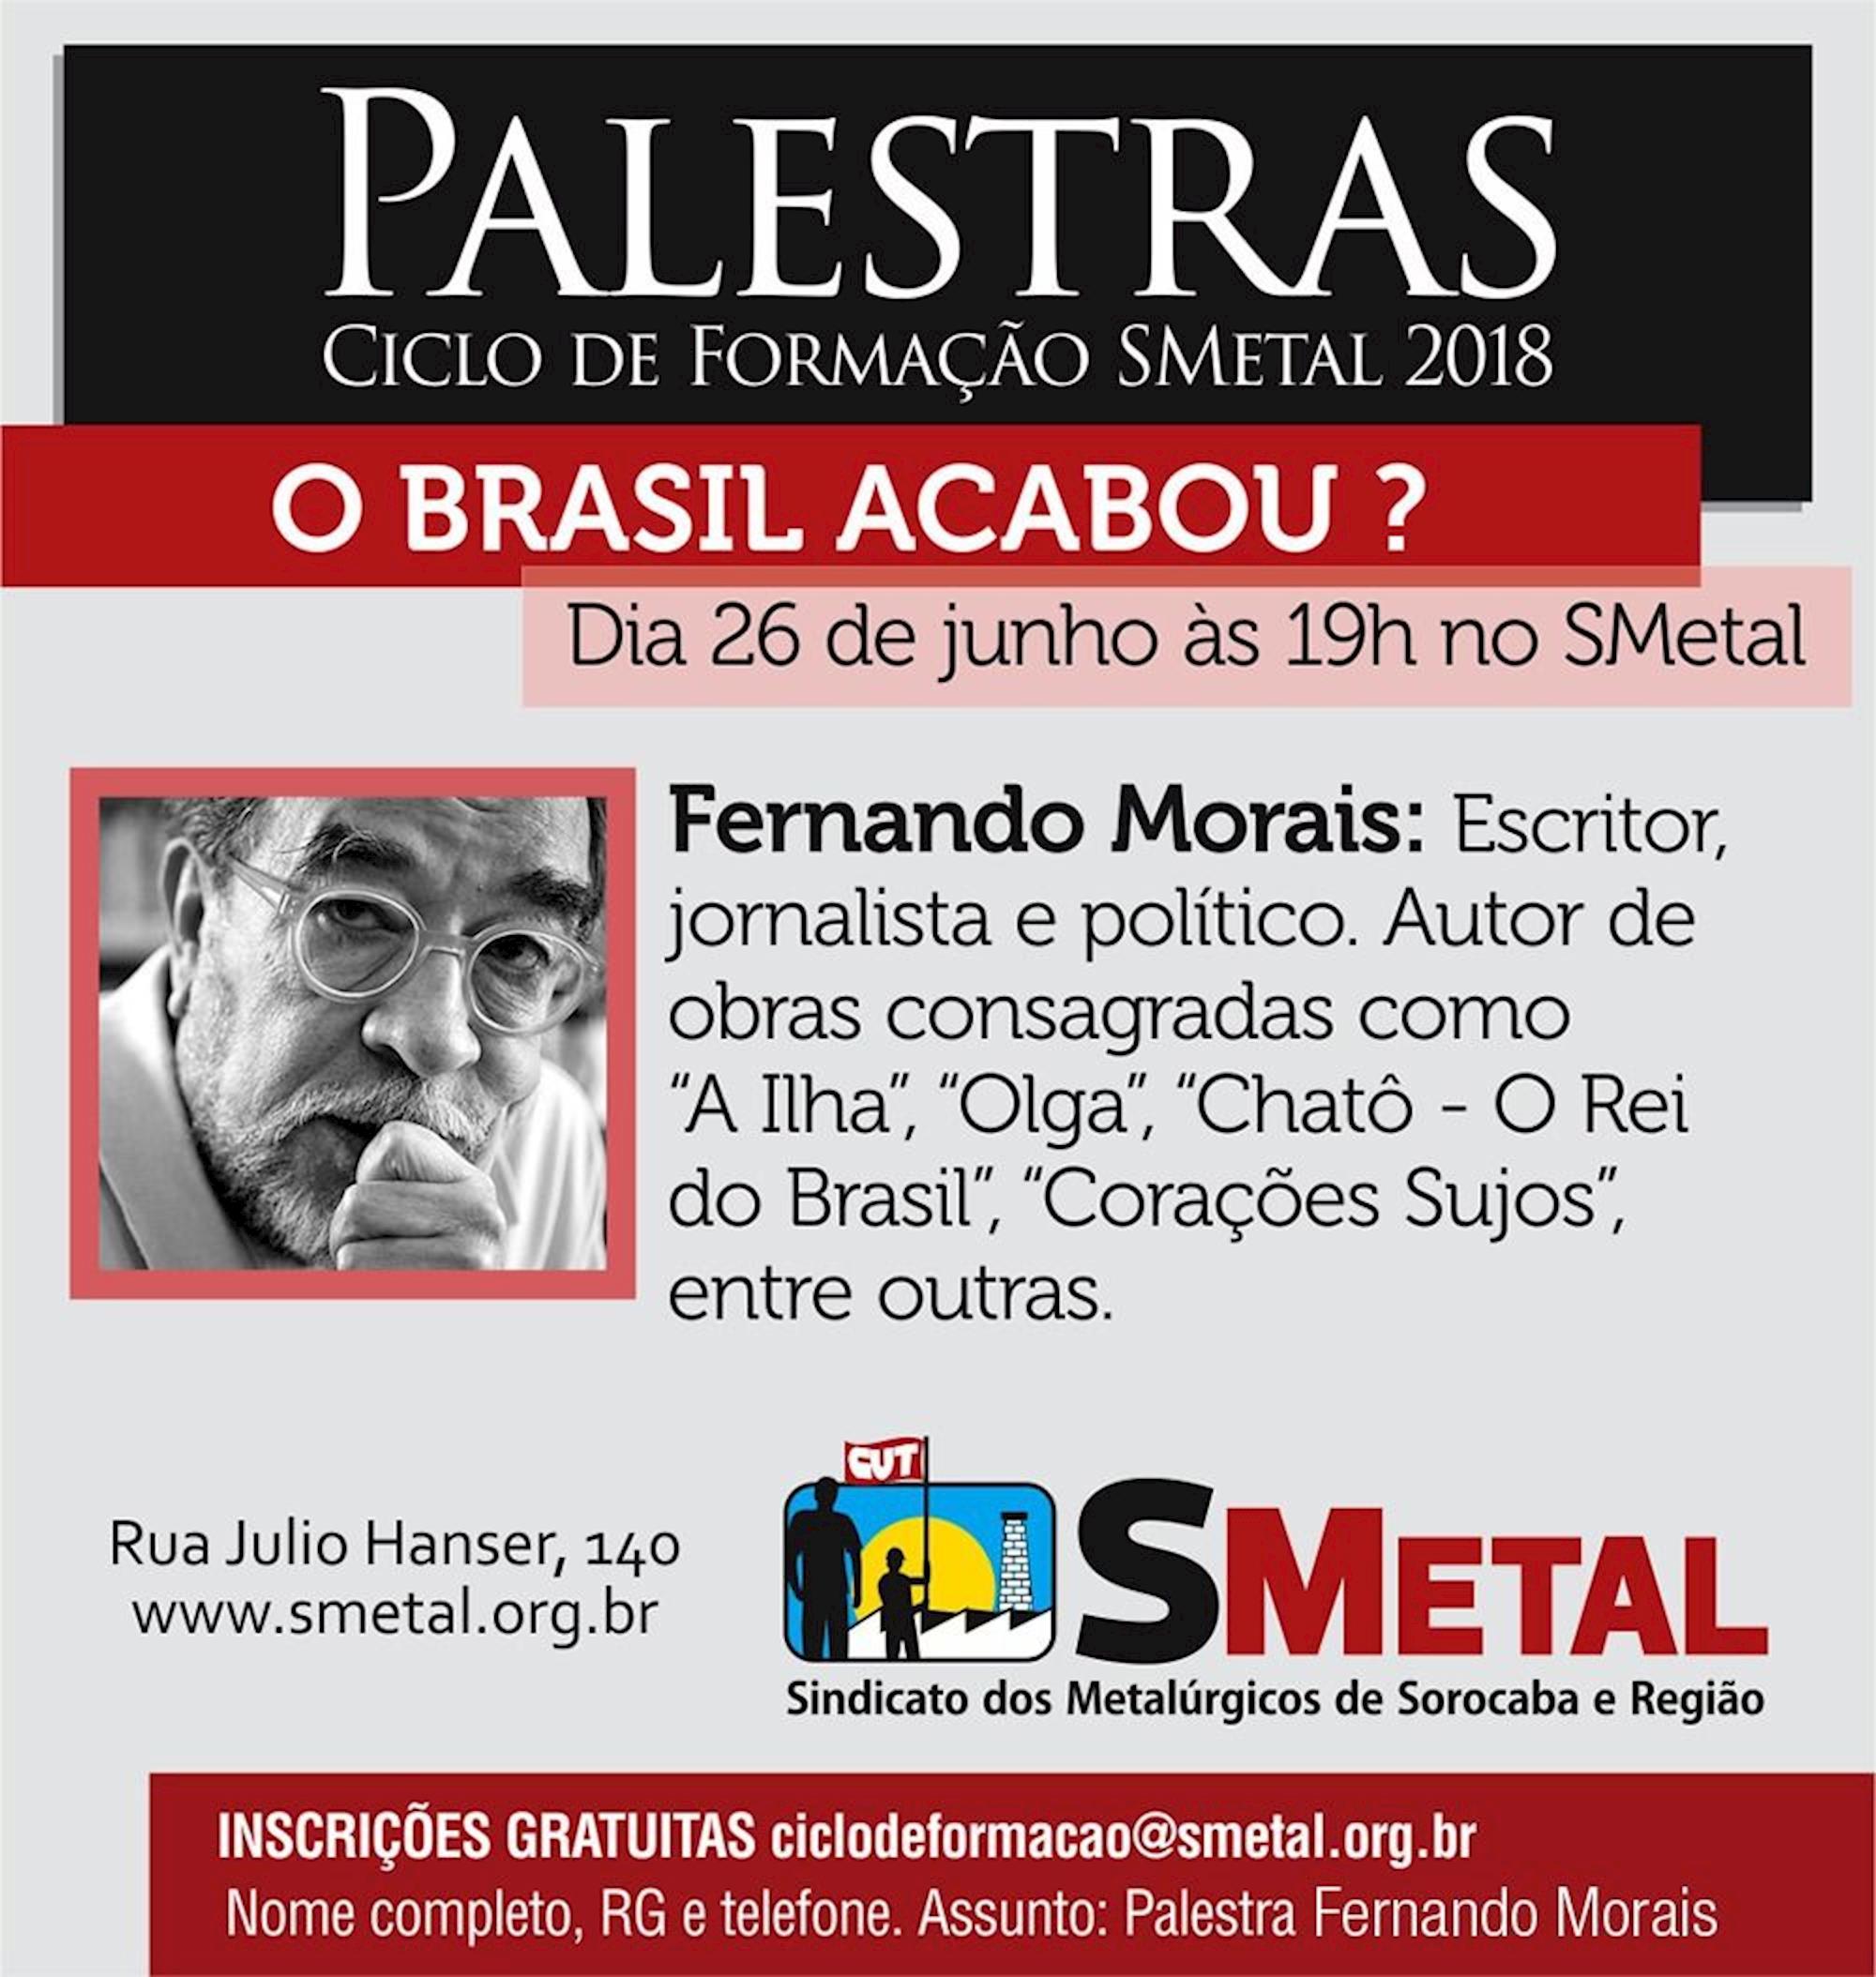 fernando, morais,, Arte: Cassio Freire/Imprensa SMetal